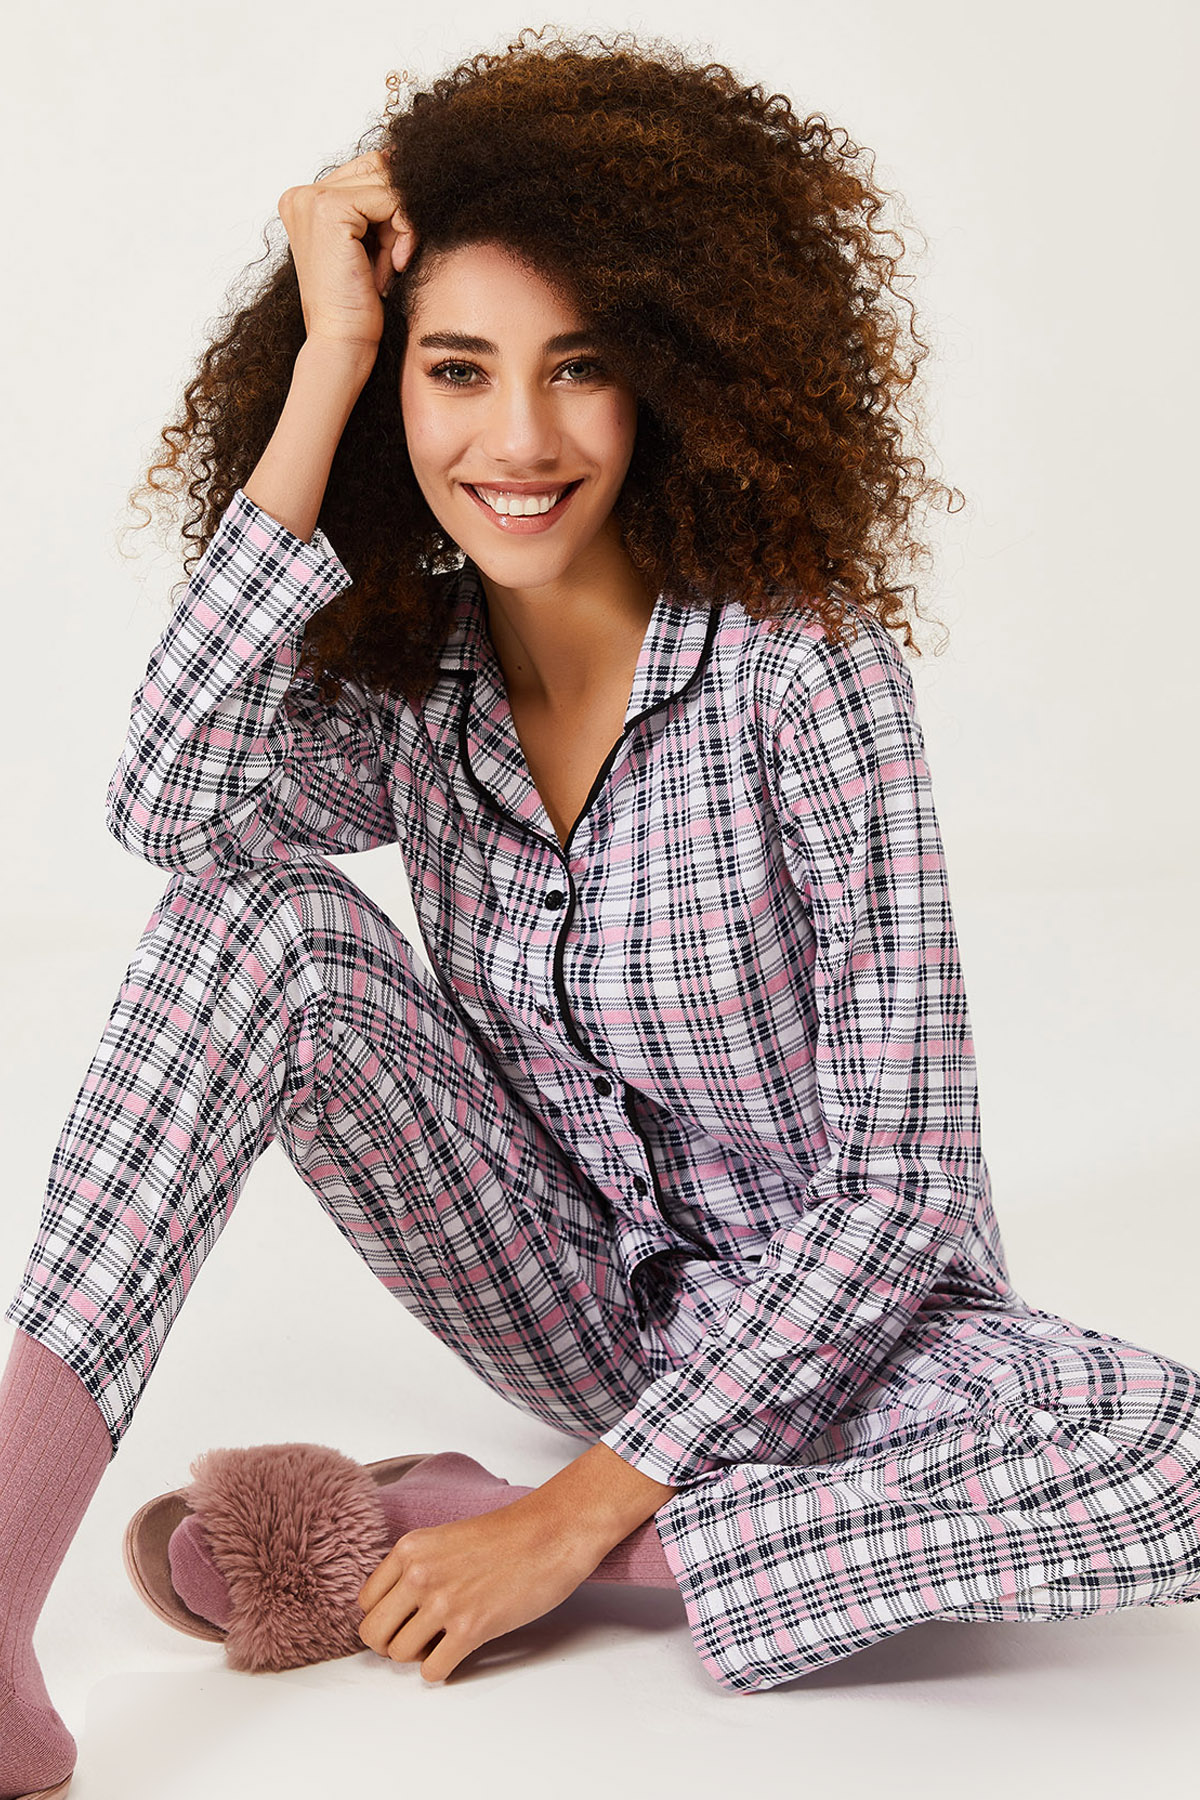 XHAN - Beyaz Kareli Örme Pijama Takımı 1KXK8-44581-01